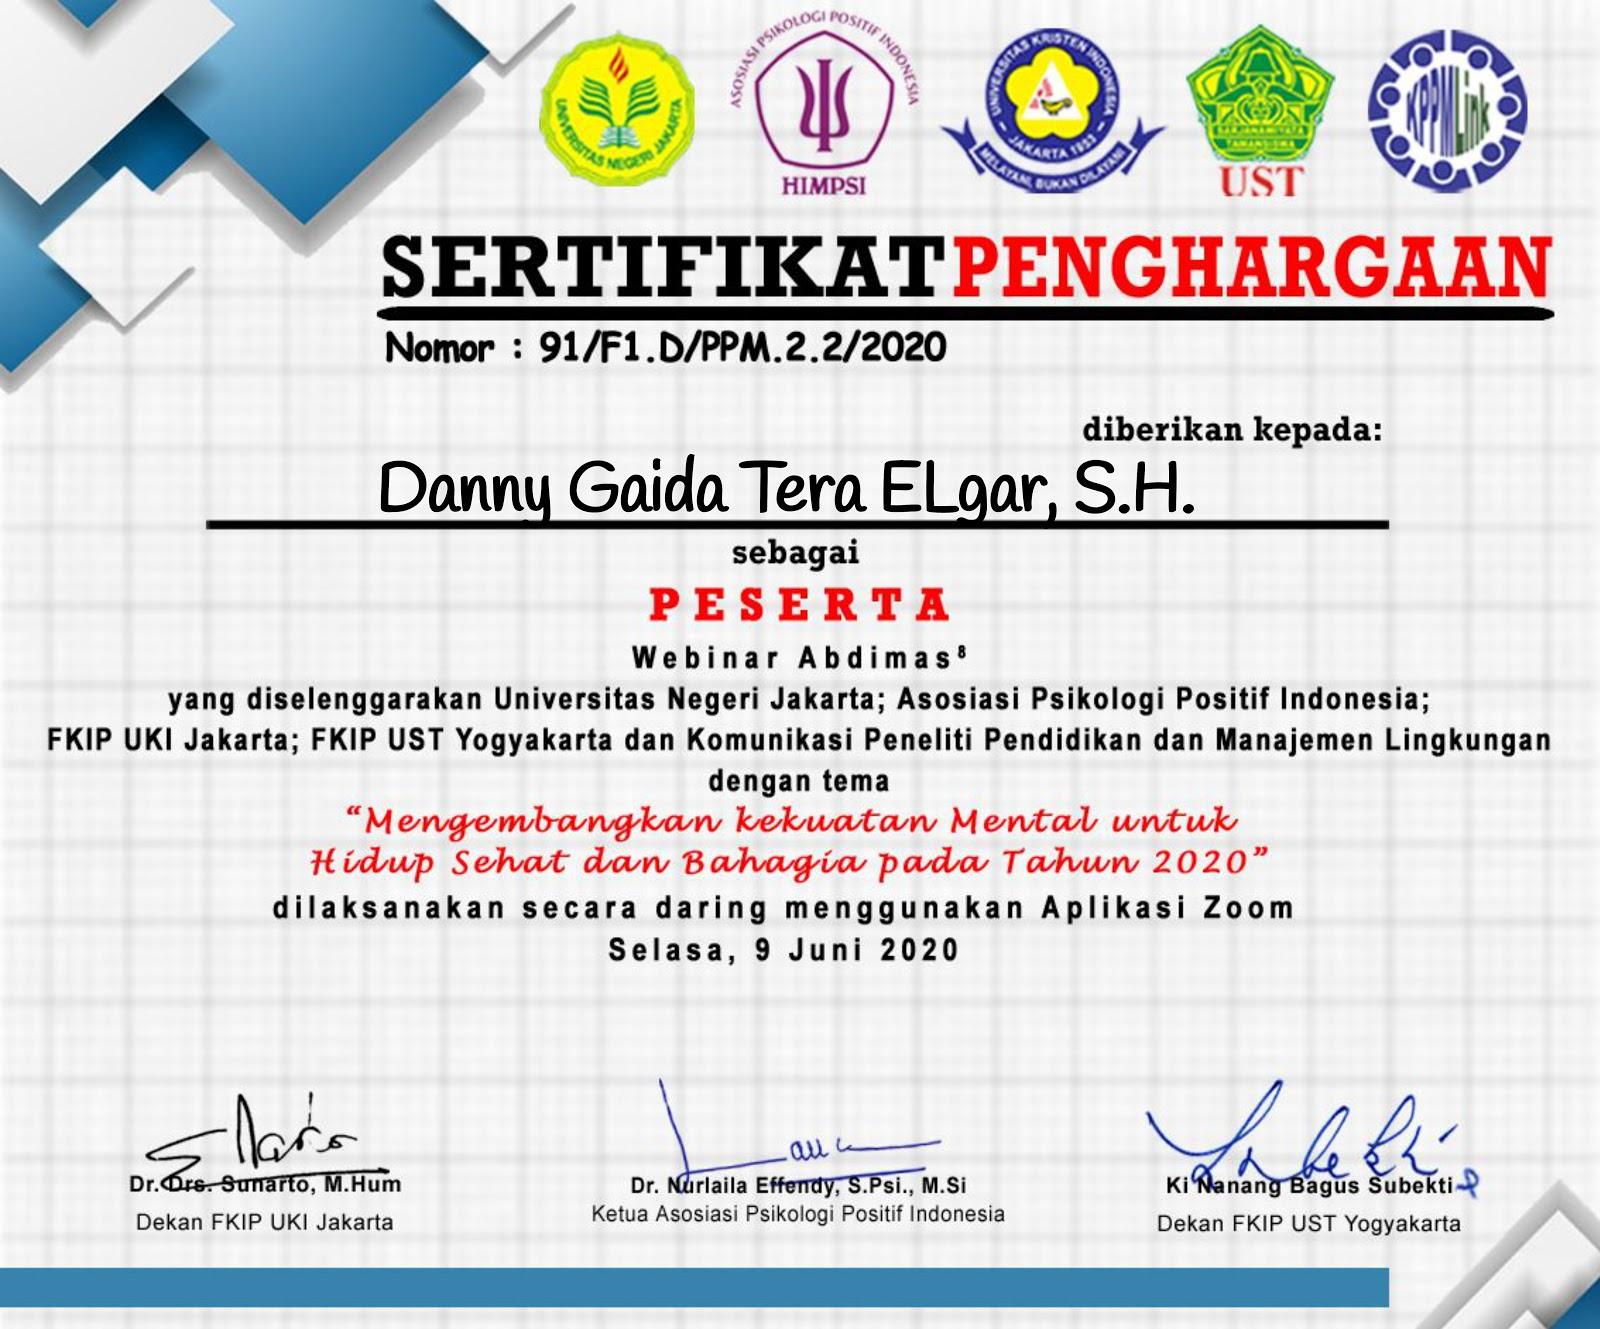 """Piagam Penghargaan Asosiasi Psikologi Positif Indonesia """"Mengembangkan Kekuatan Mental untuk Hidup Sehat dan Bahagia pada Tahun 2020"""" (SELASA, 9 JUNI 2020)"""